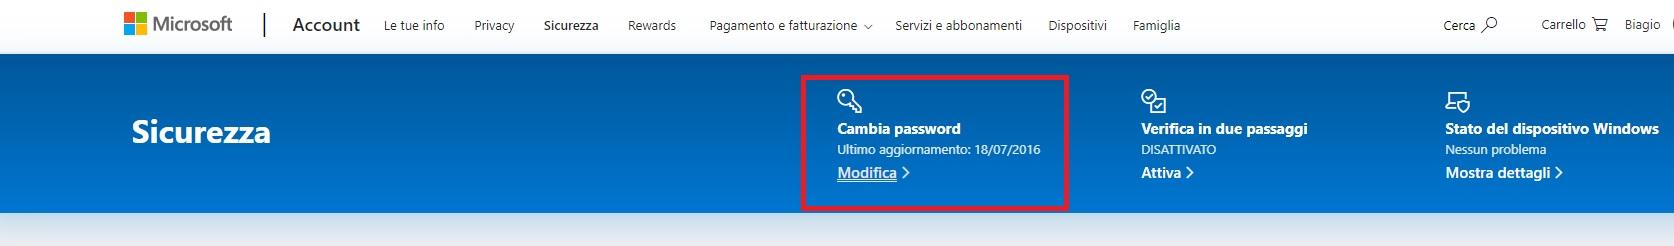 La voce che consente di cambiare la password